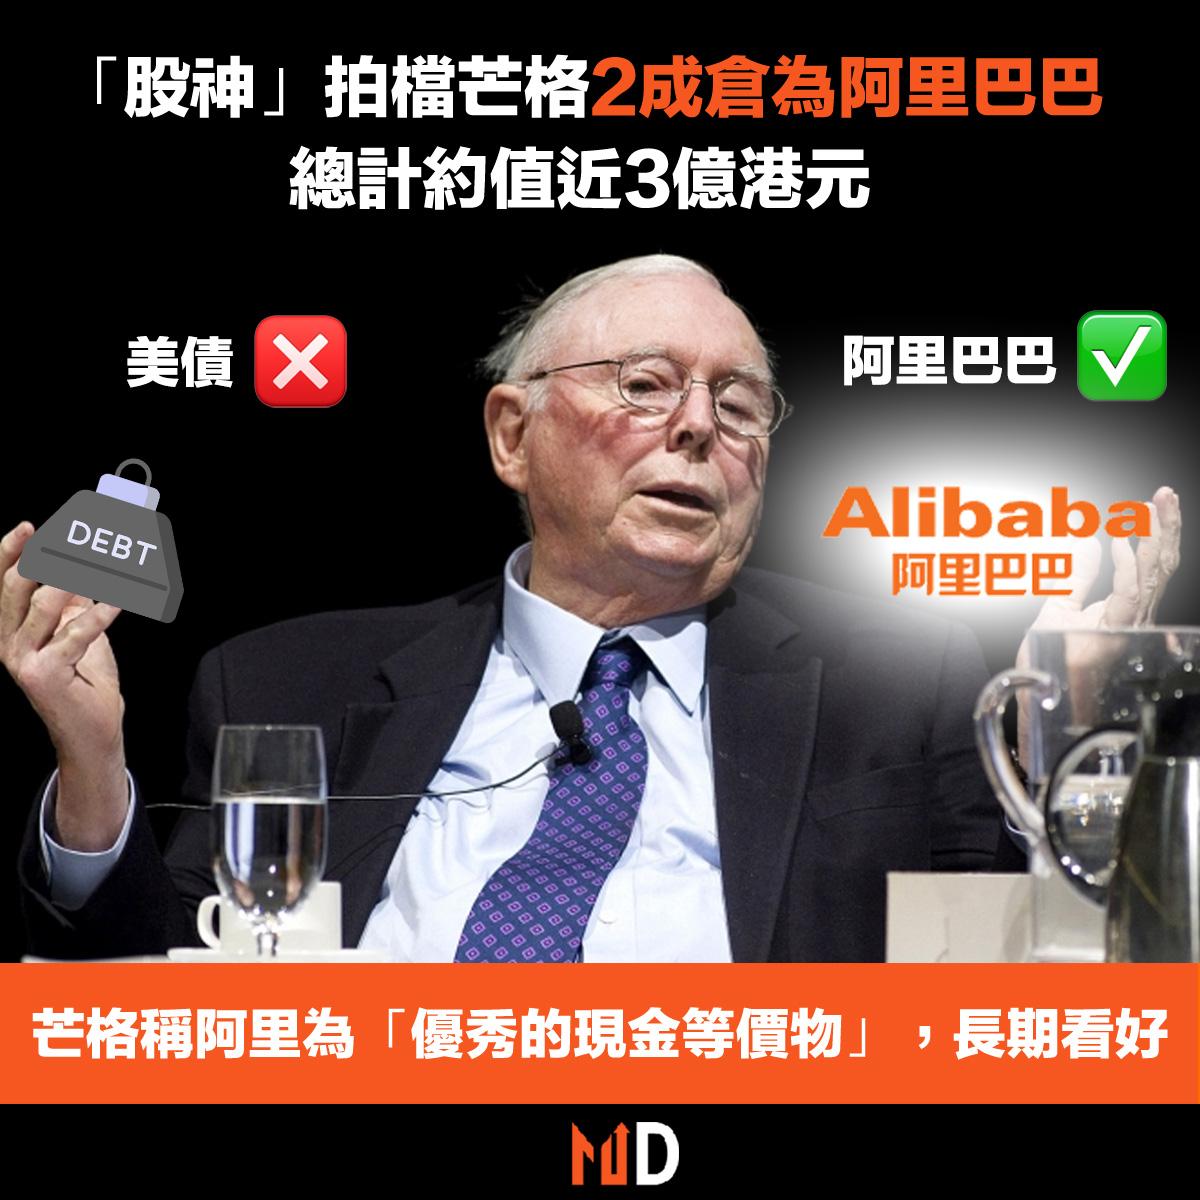 【市場熱話】股神拍檔芒格2成倉為阿里巴巴,涉資3億港元,稱長期看好